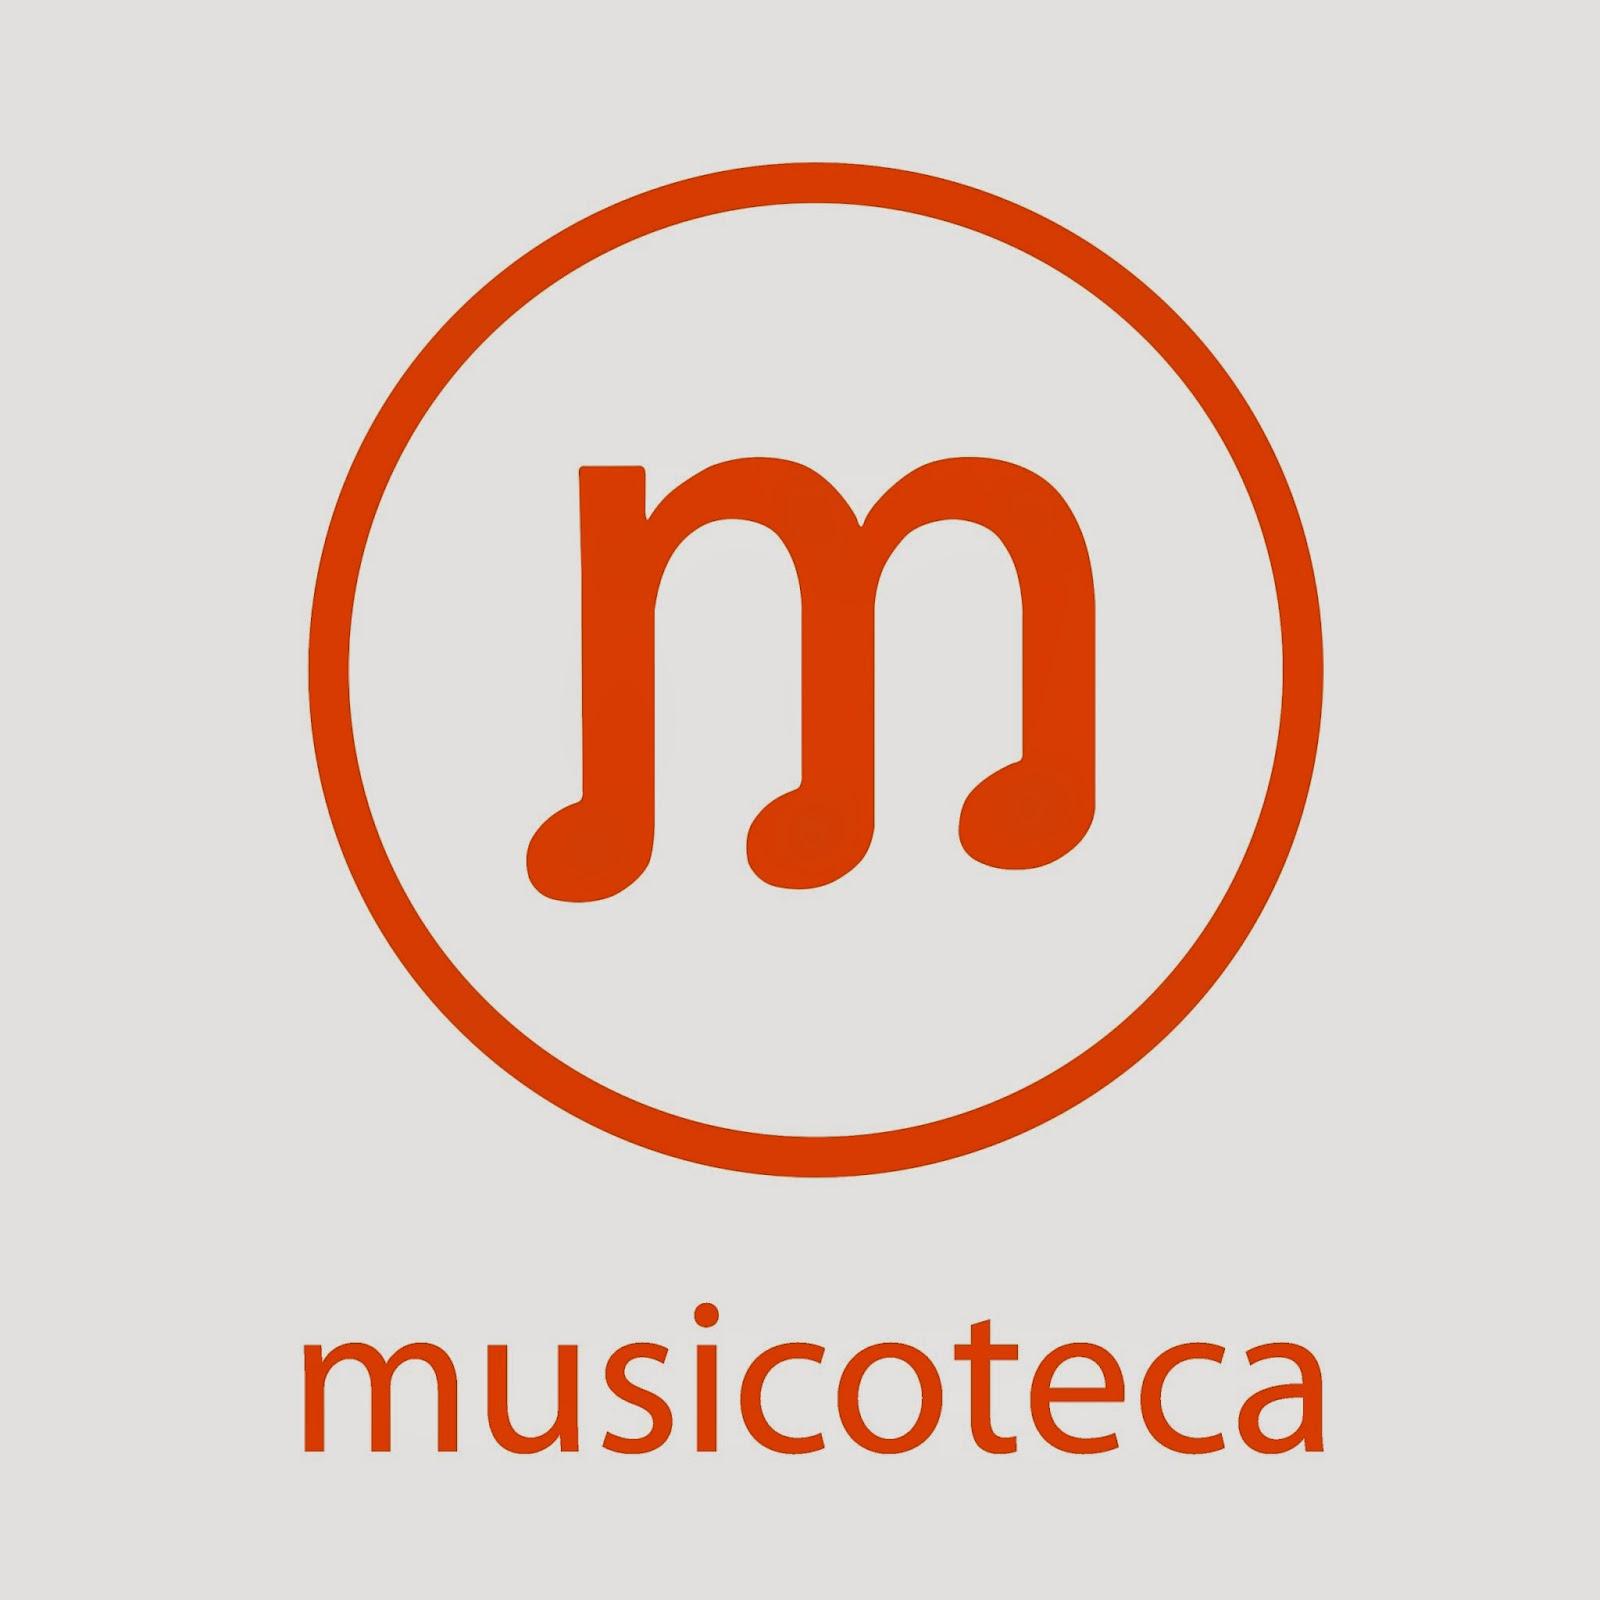 http://www.amusicoteca.com.br/